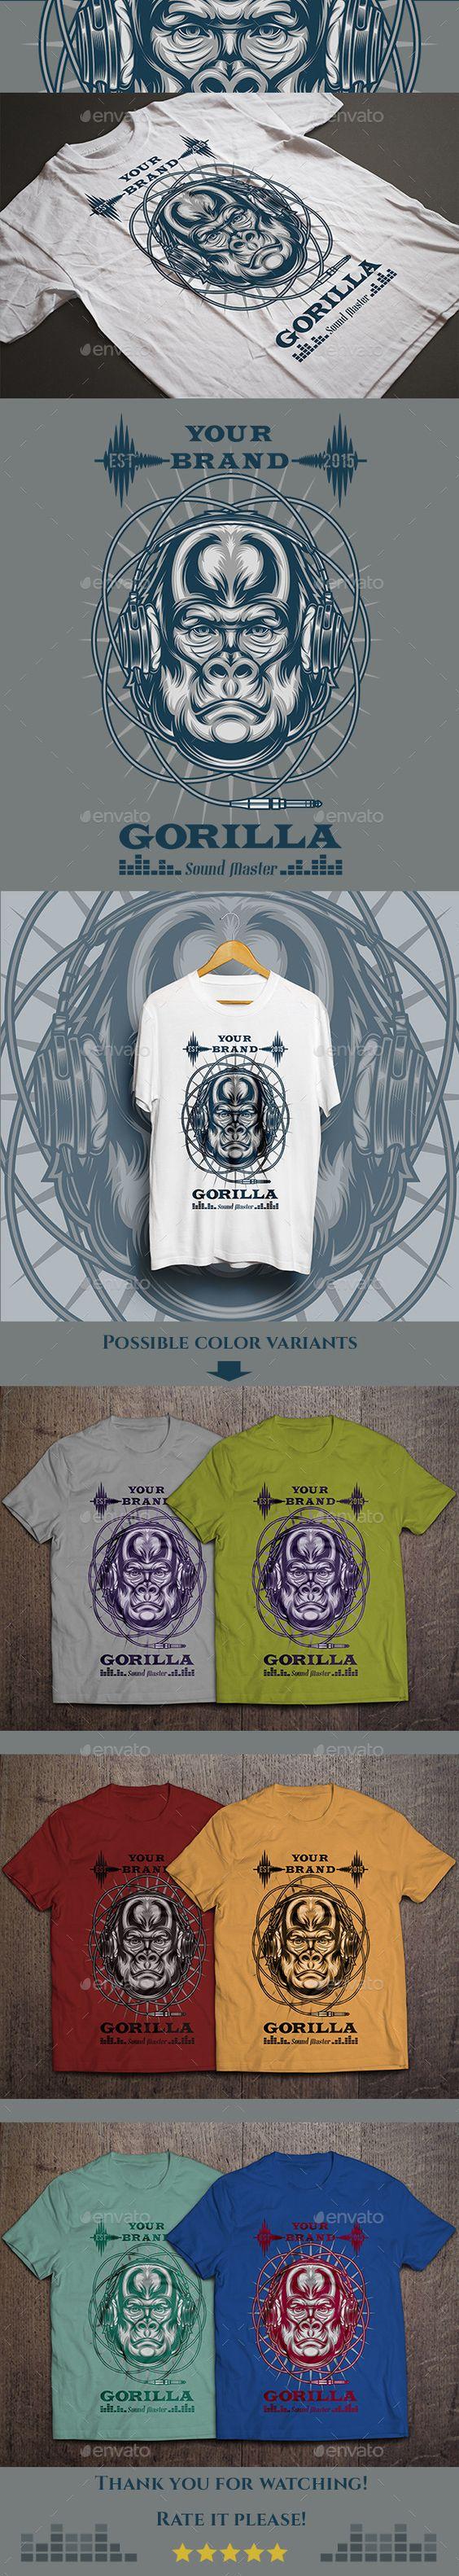 Gorilla Sound Master T-shirt - Download…